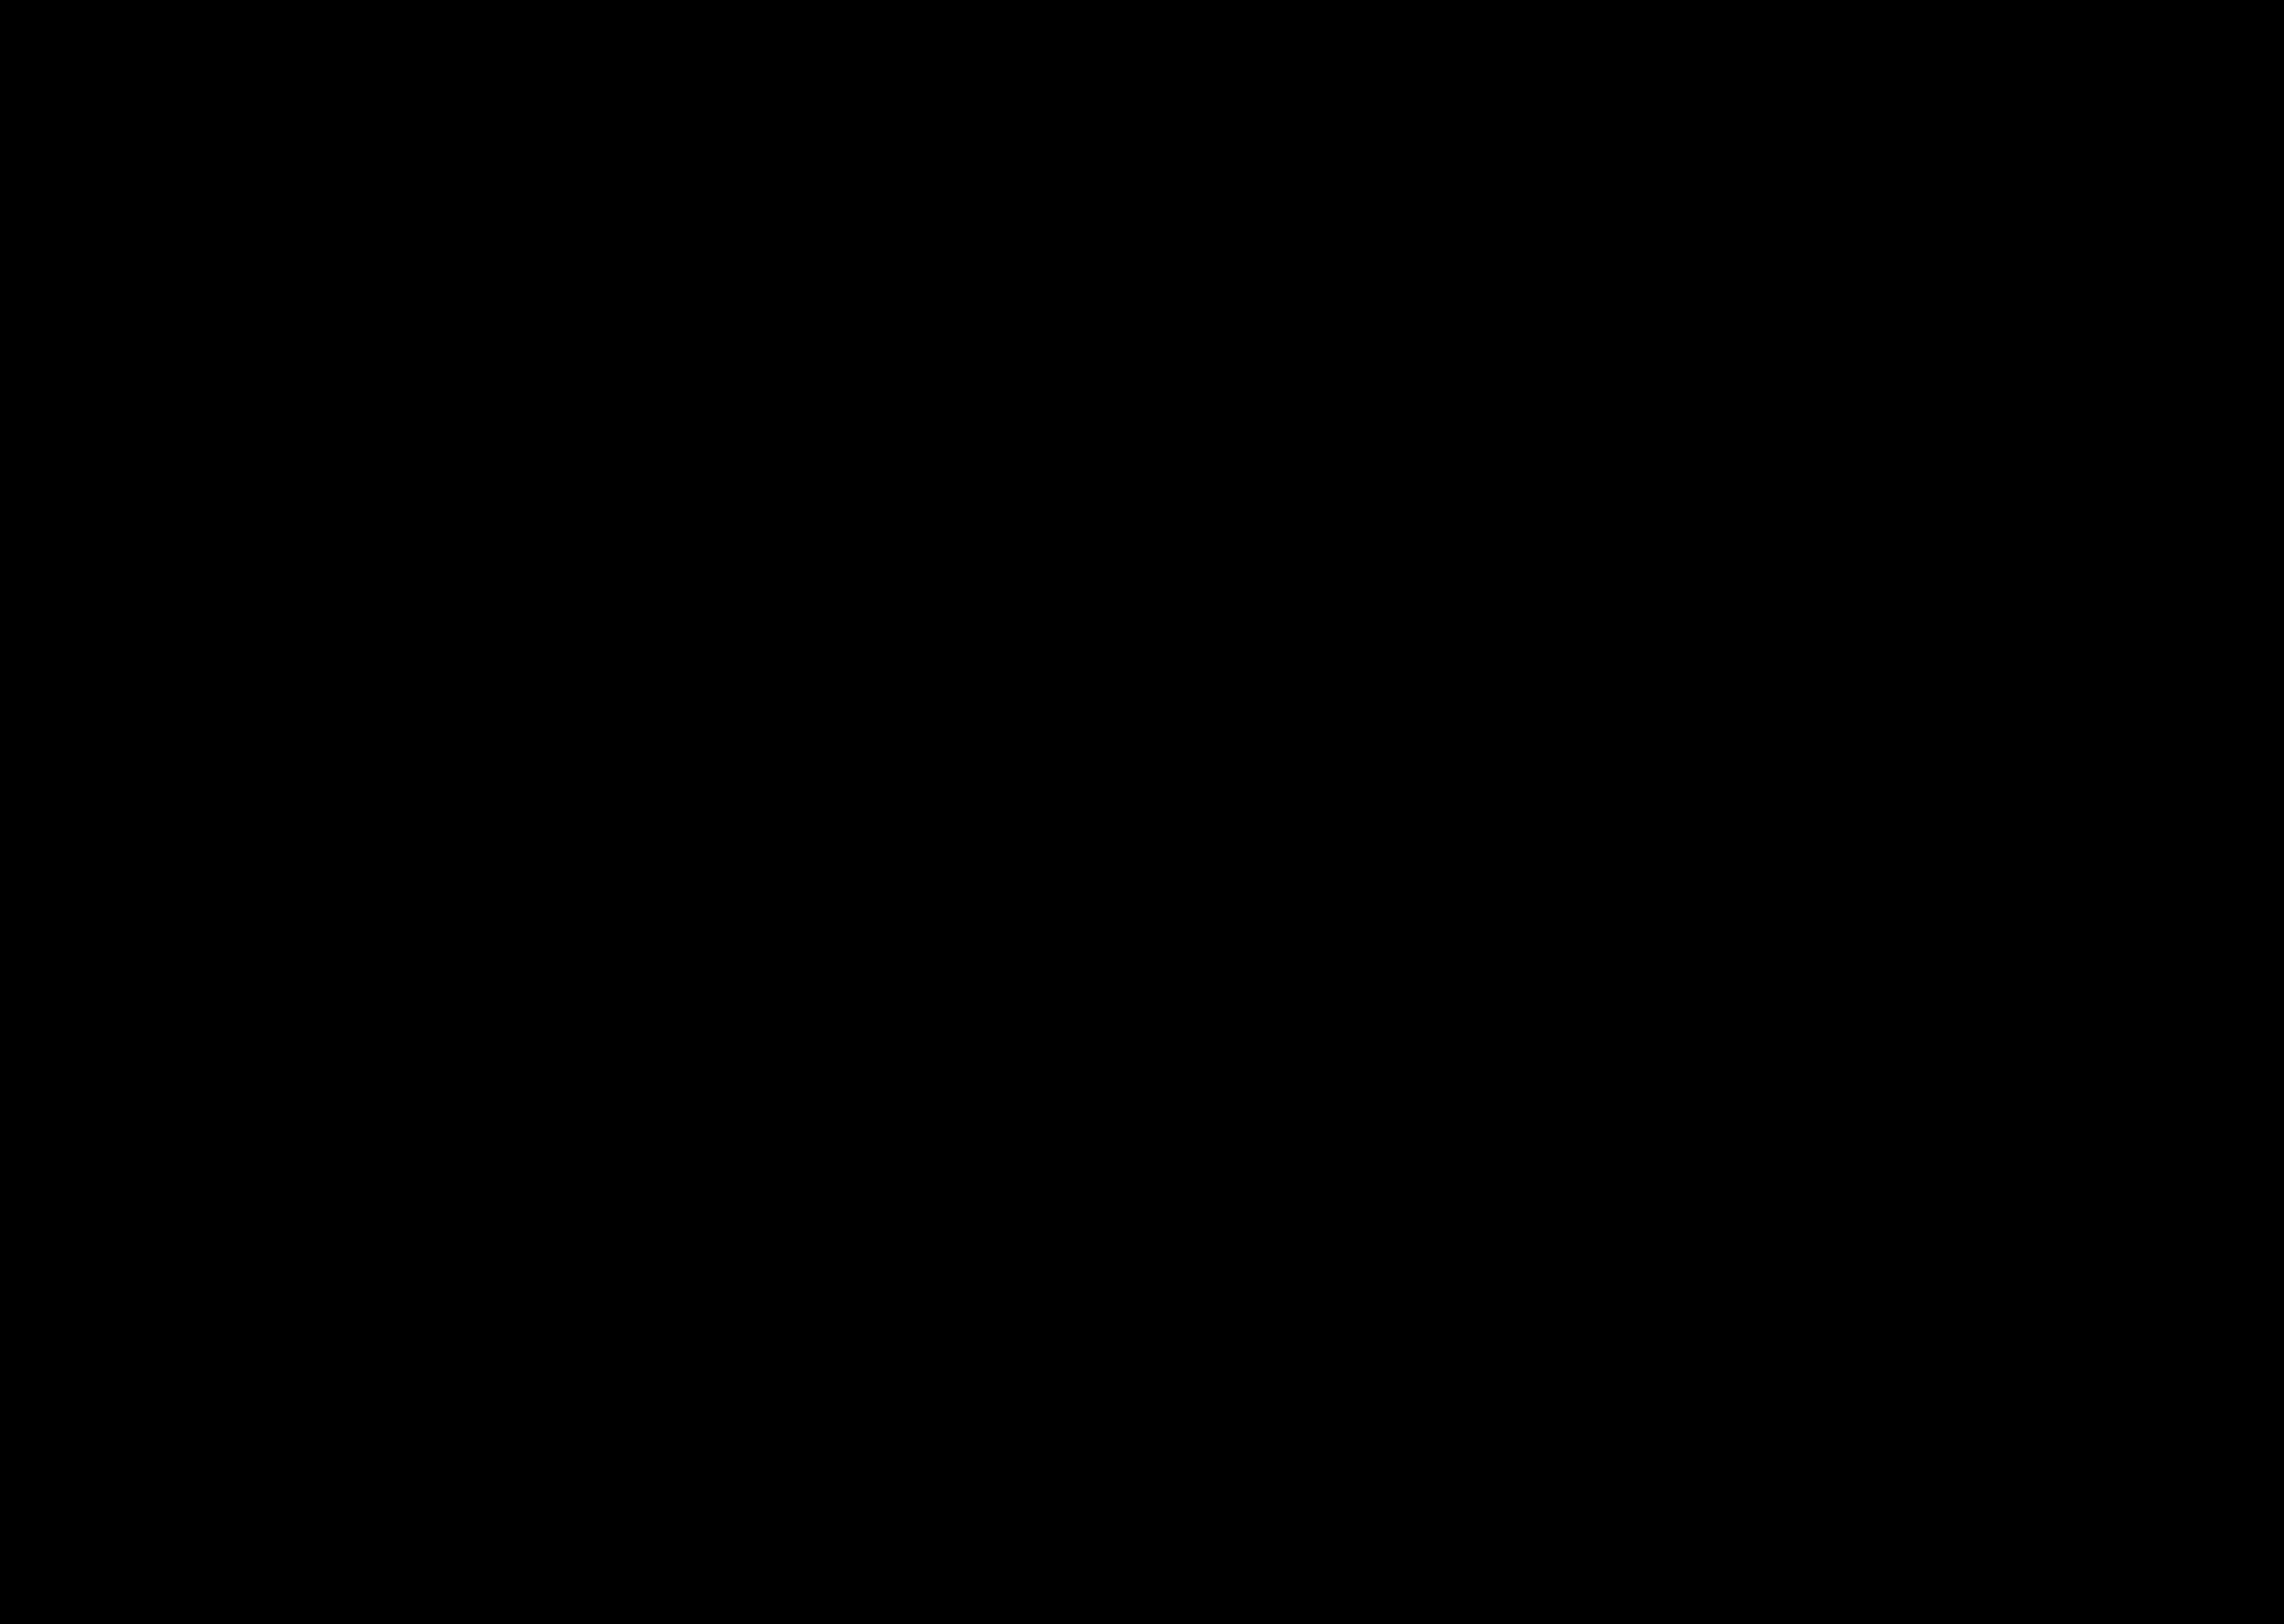 black-bear-clip-art-8 . BIG IMAGE (PNG)